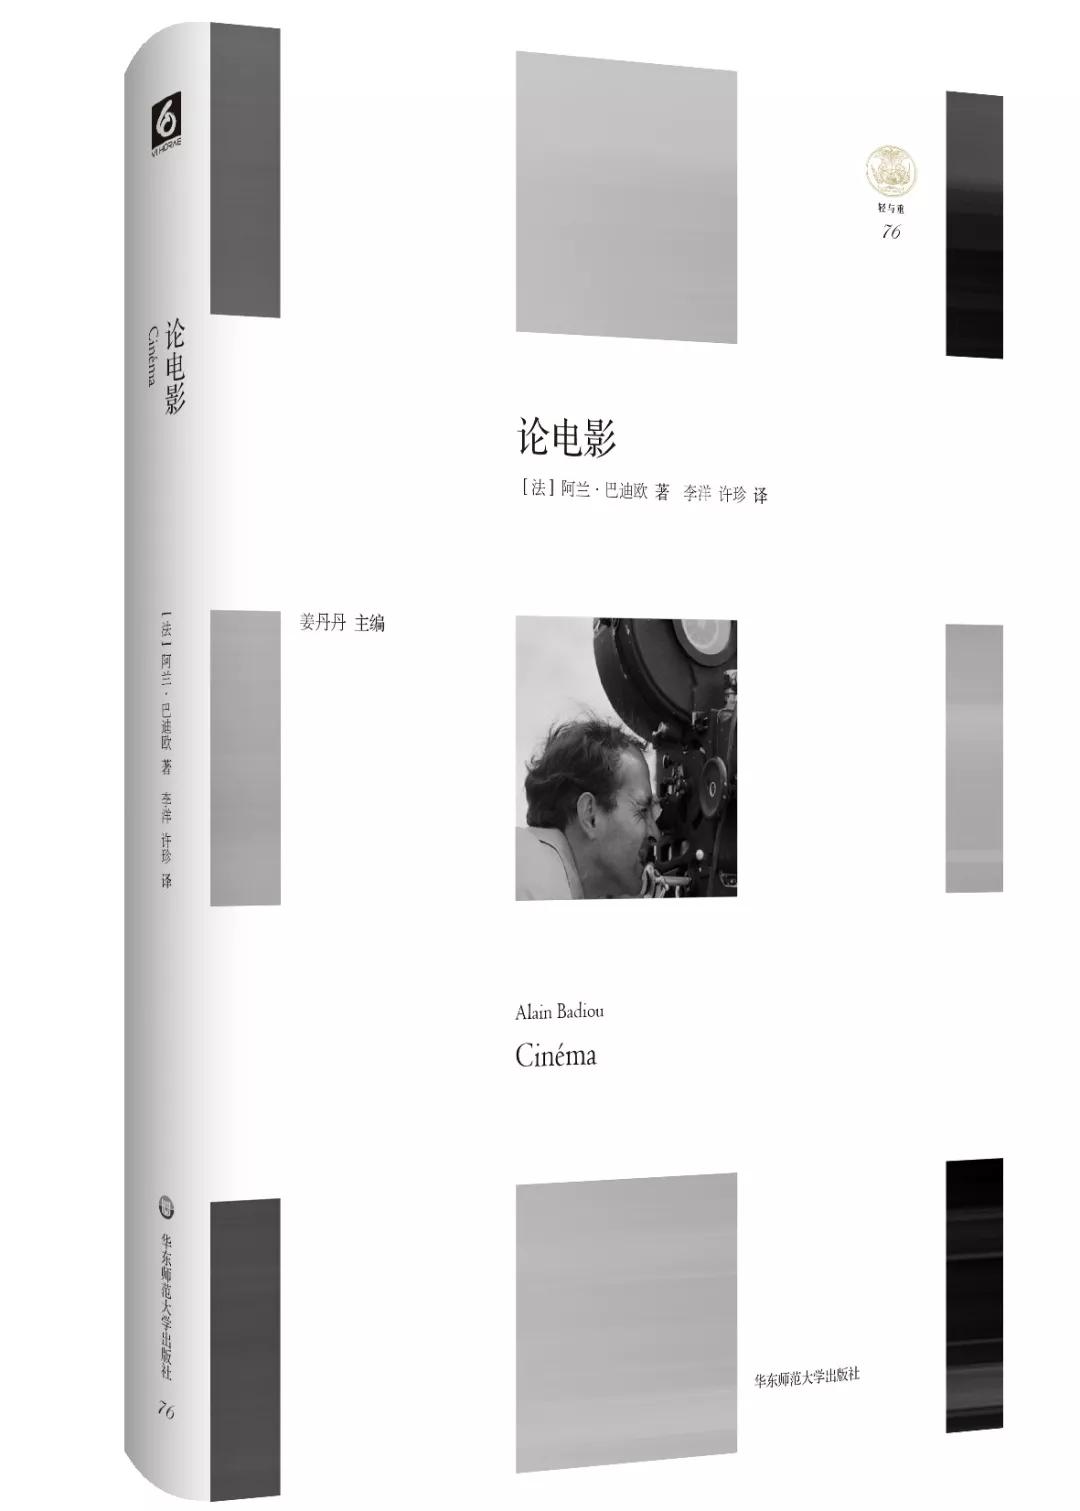 本文节选自《论电影》阿兰·巴迪欧著;李洋许珍译;华东师范大学出版社2020年1月版